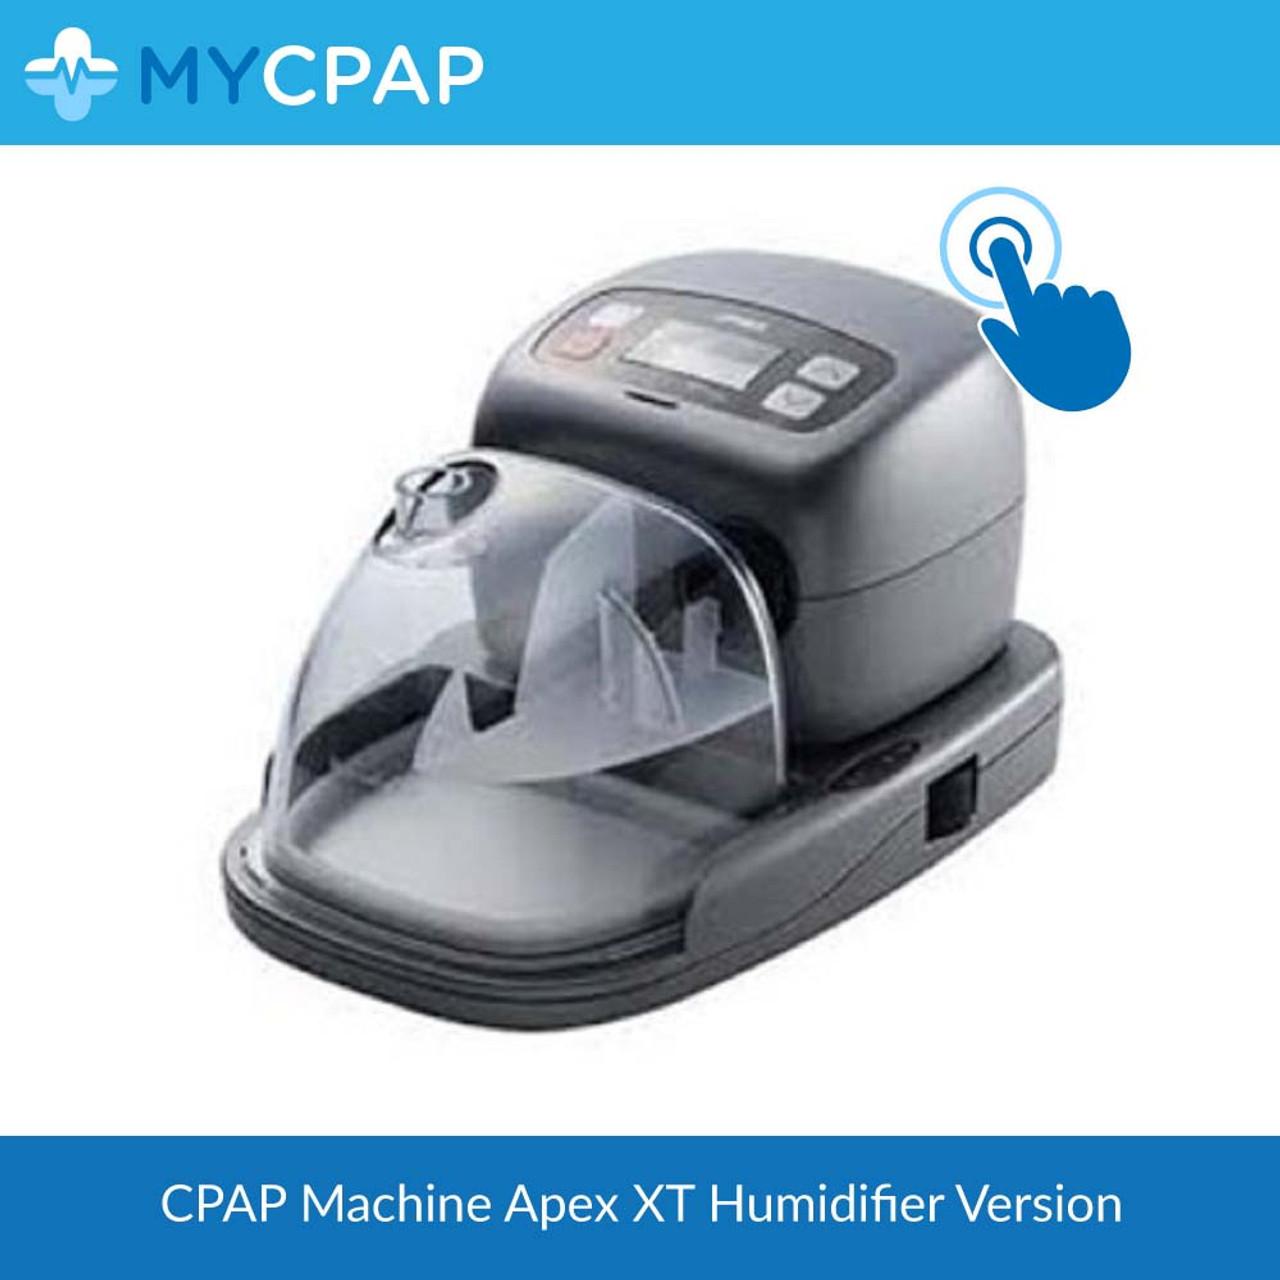 Apex XT CPAP Machine (humidifier version)